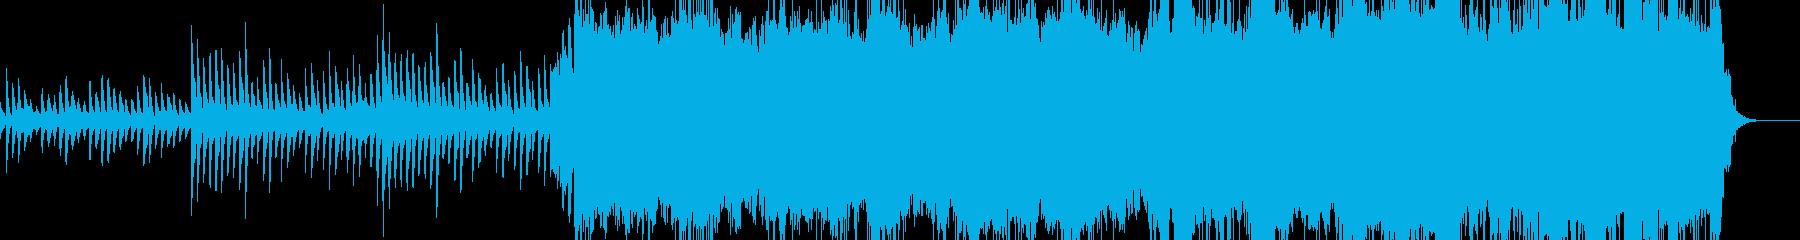 和風の壮大なバラードの再生済みの波形